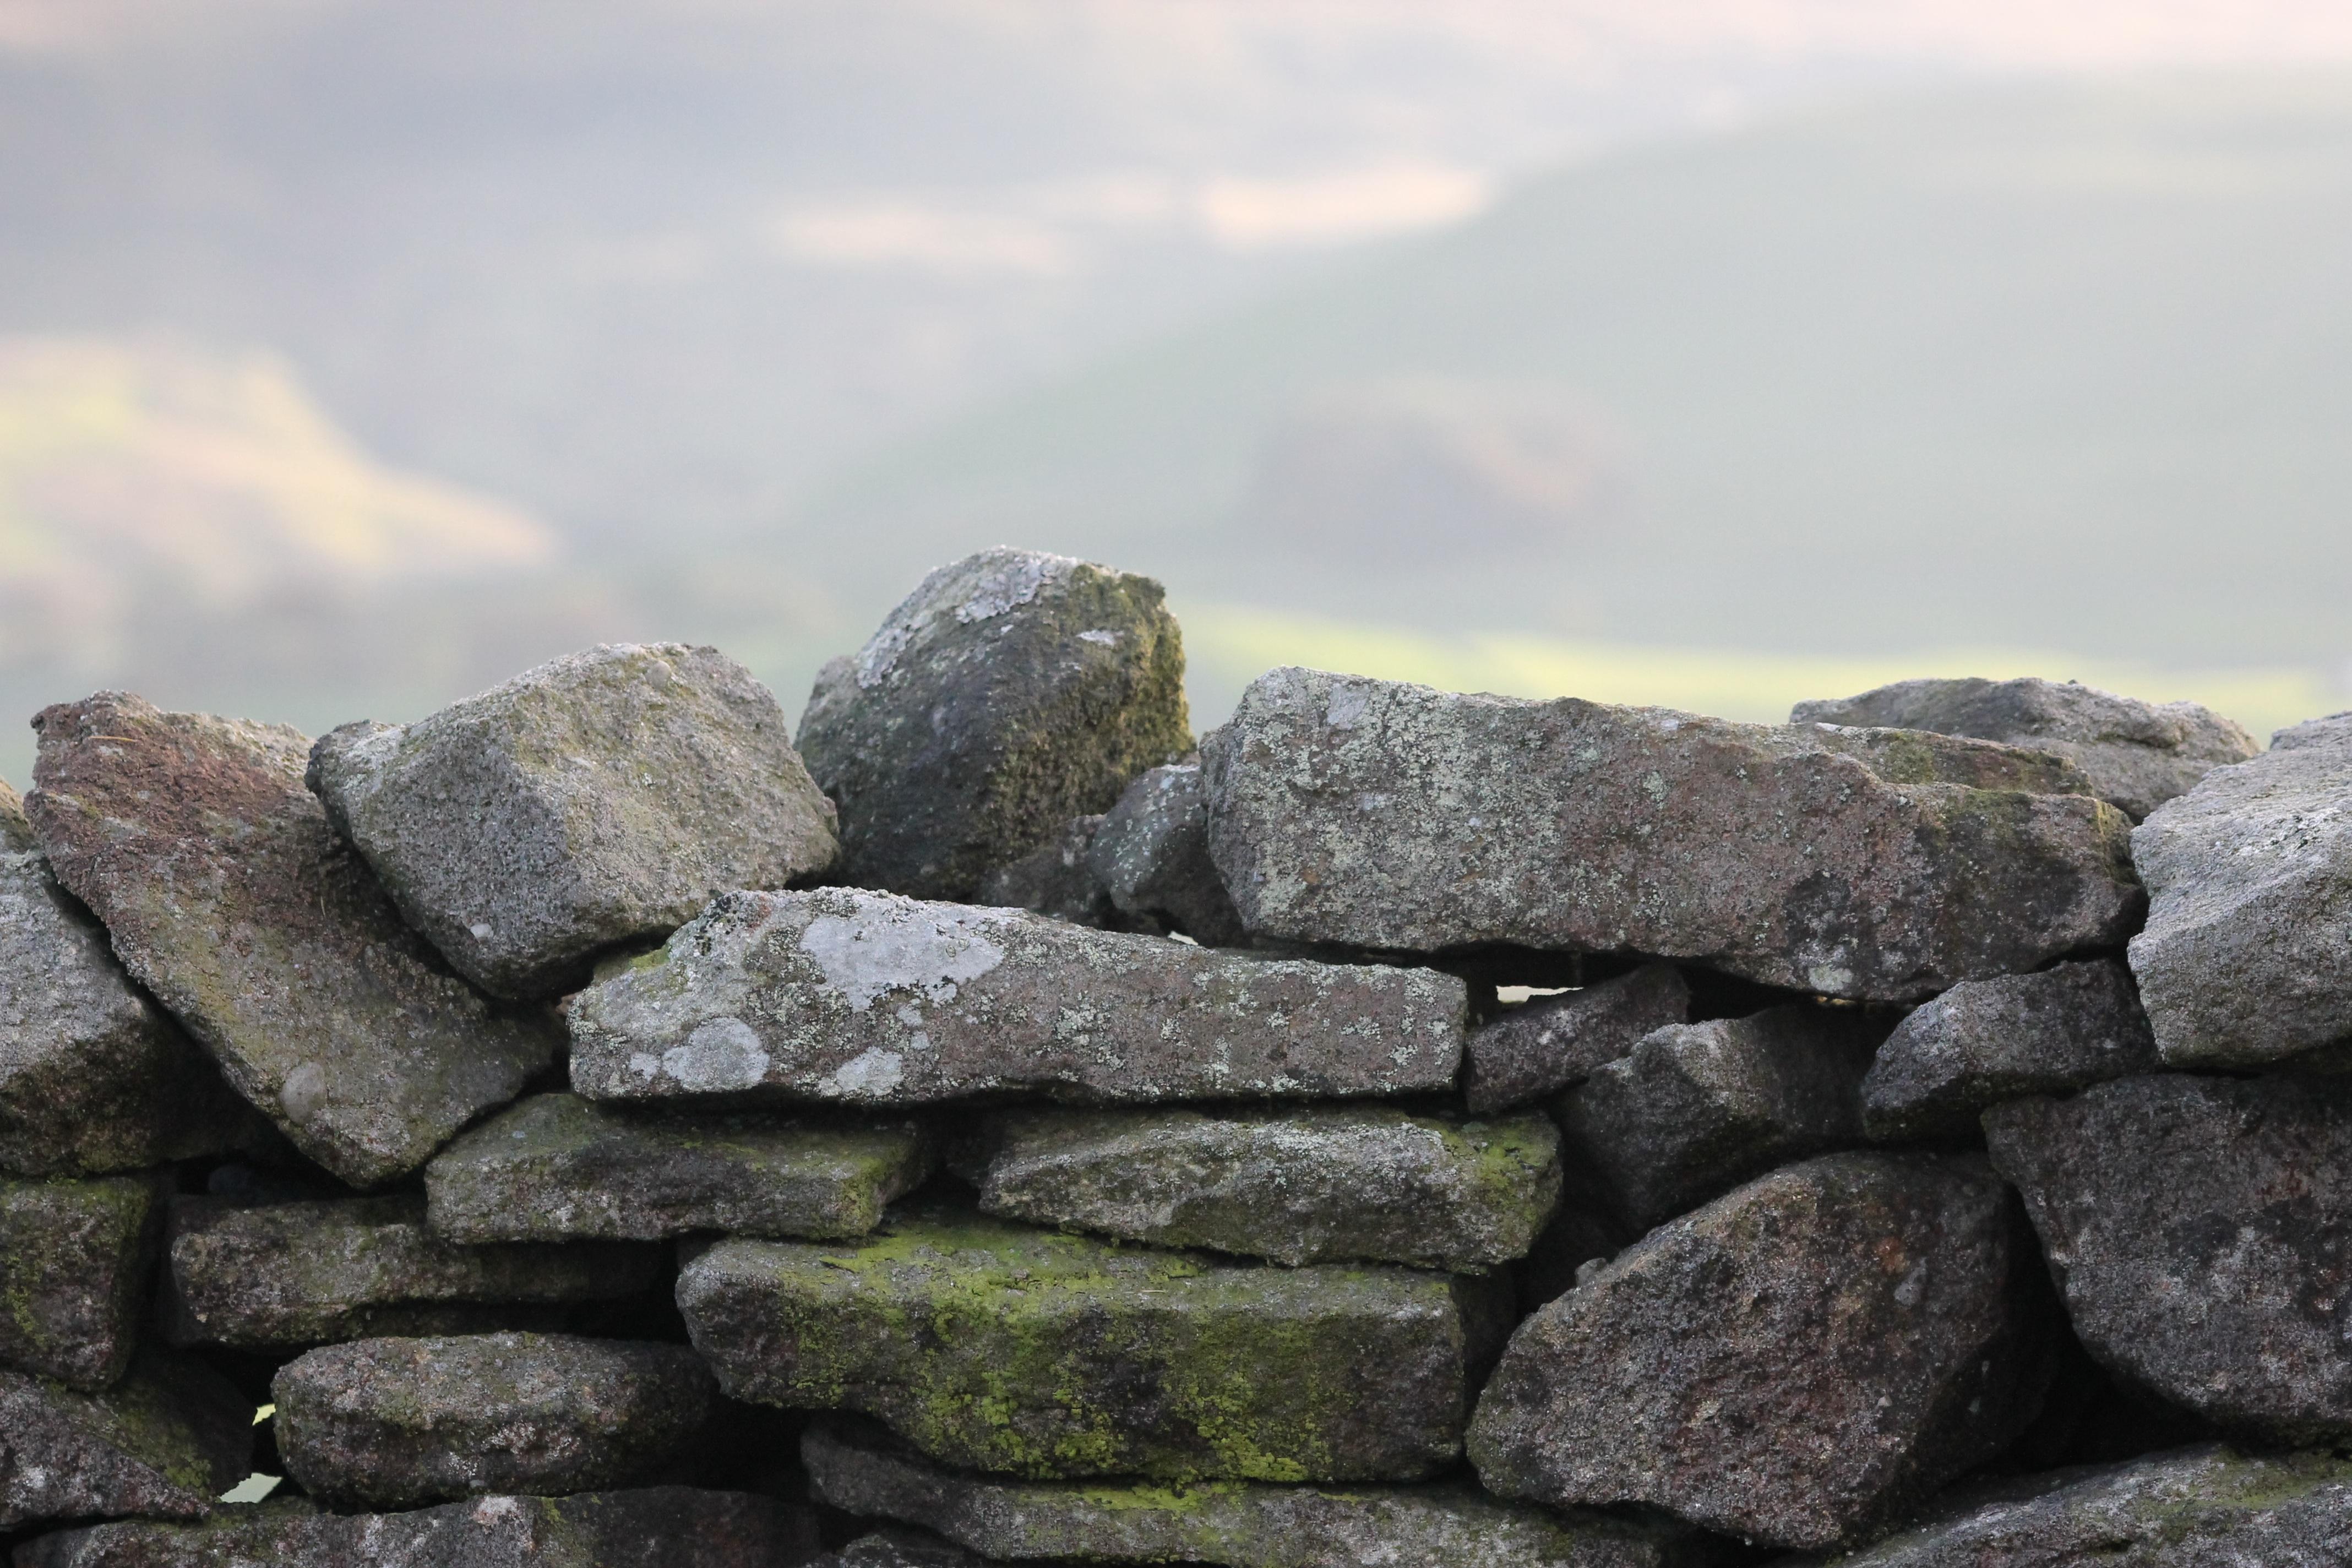 images gratuites paysage mer la nature roche campagne mur pierre sec rural terrain. Black Bedroom Furniture Sets. Home Design Ideas